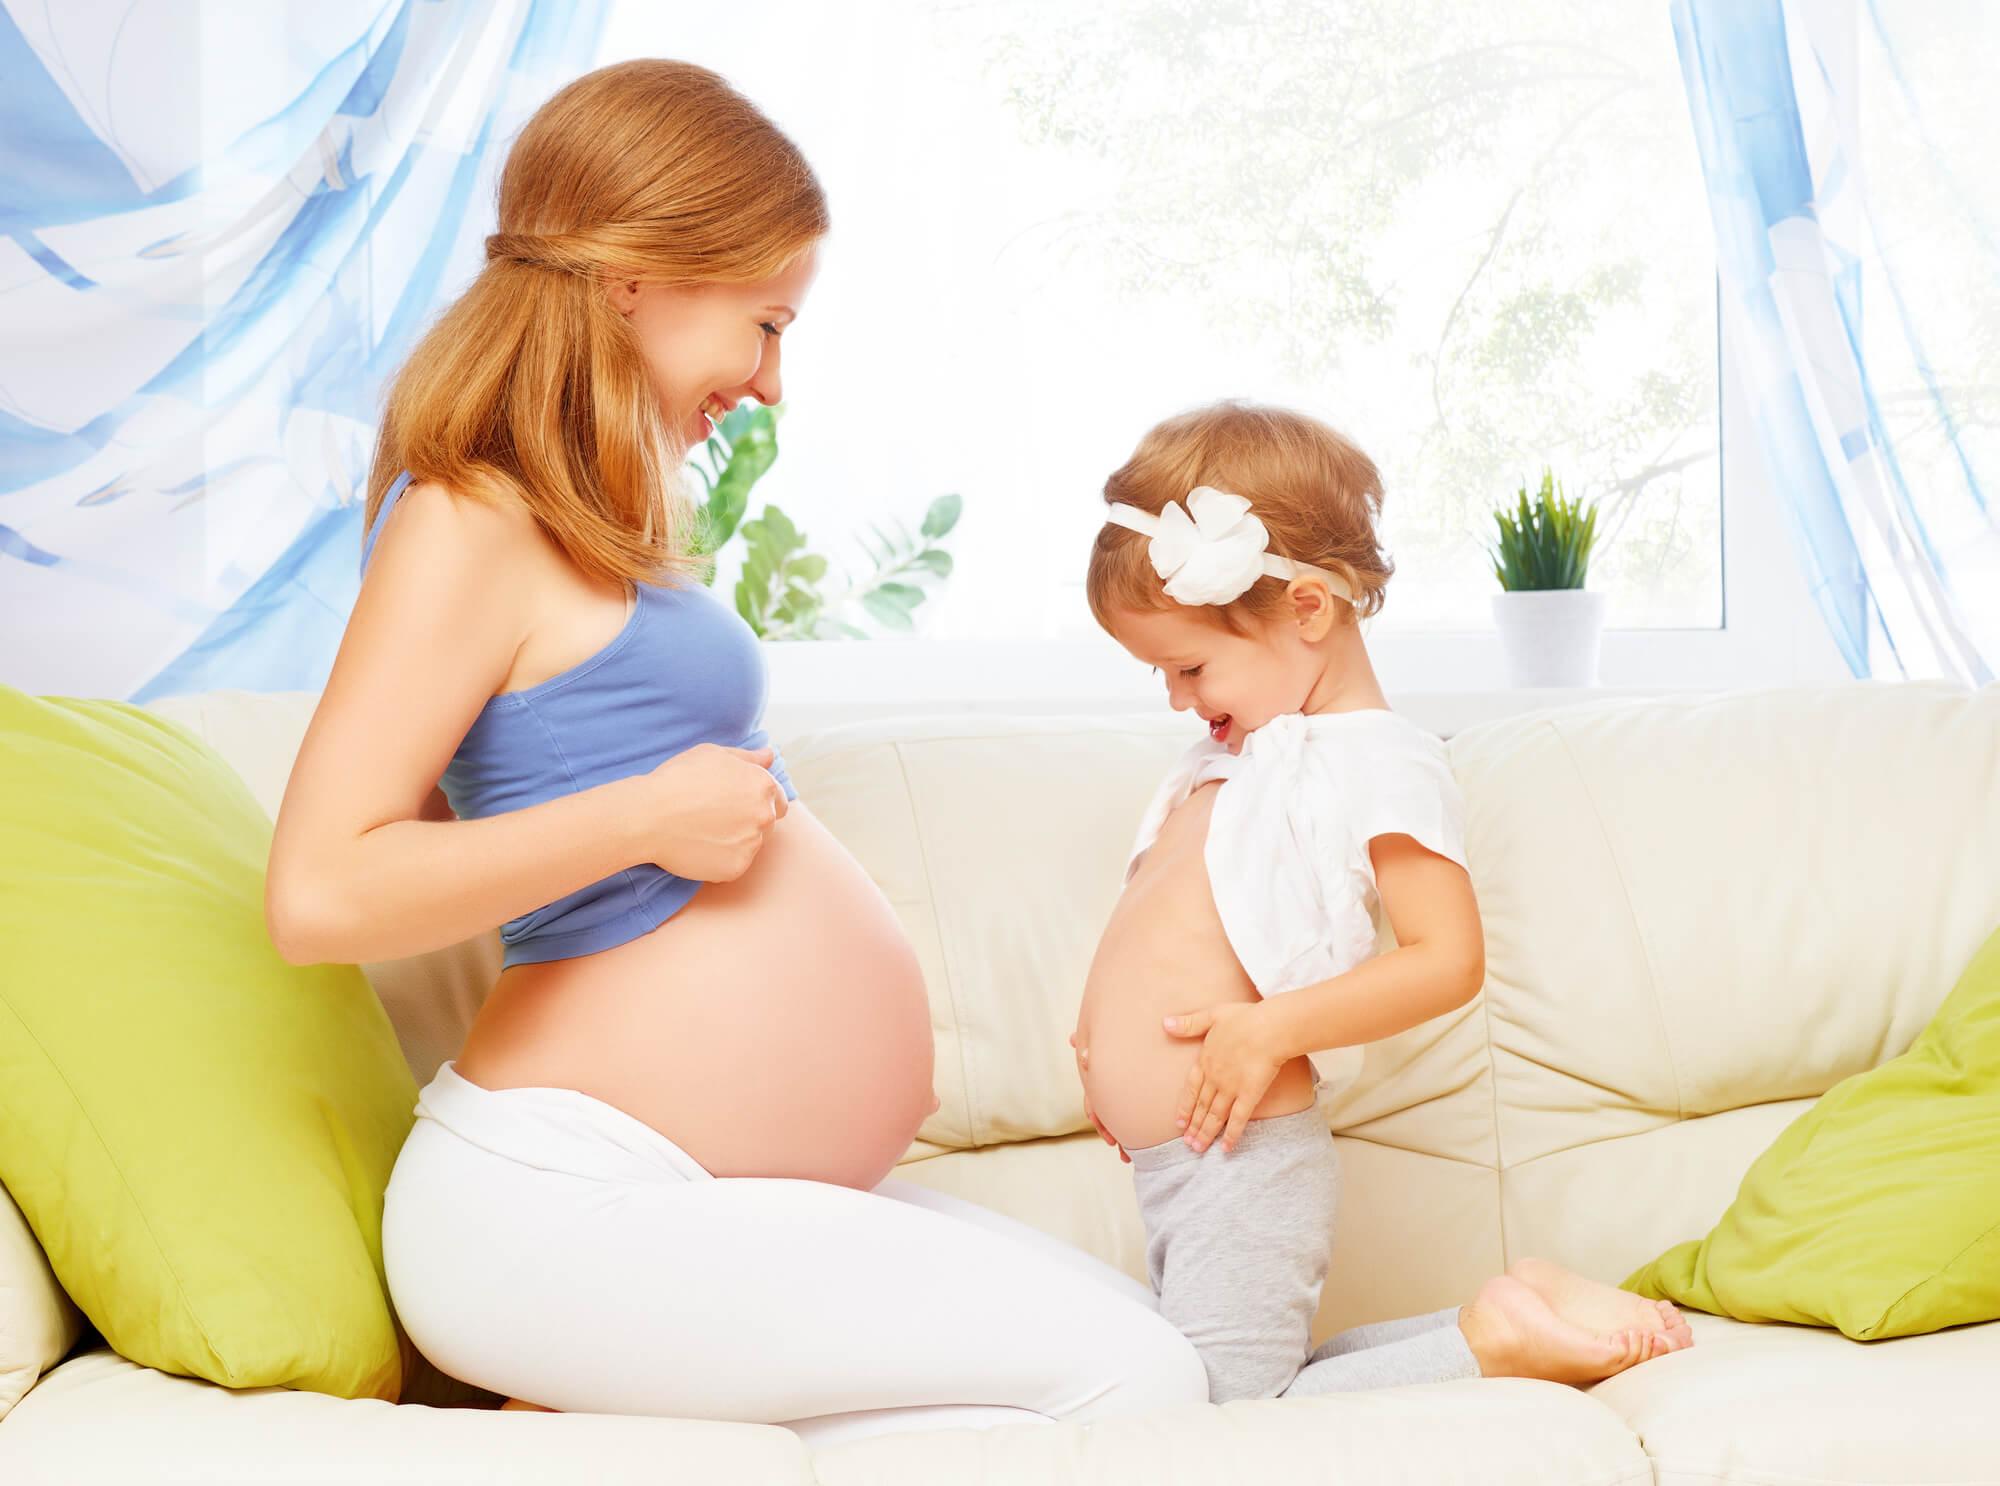 妊活・妊娠・授乳中は葉酸サプリを選ぼう